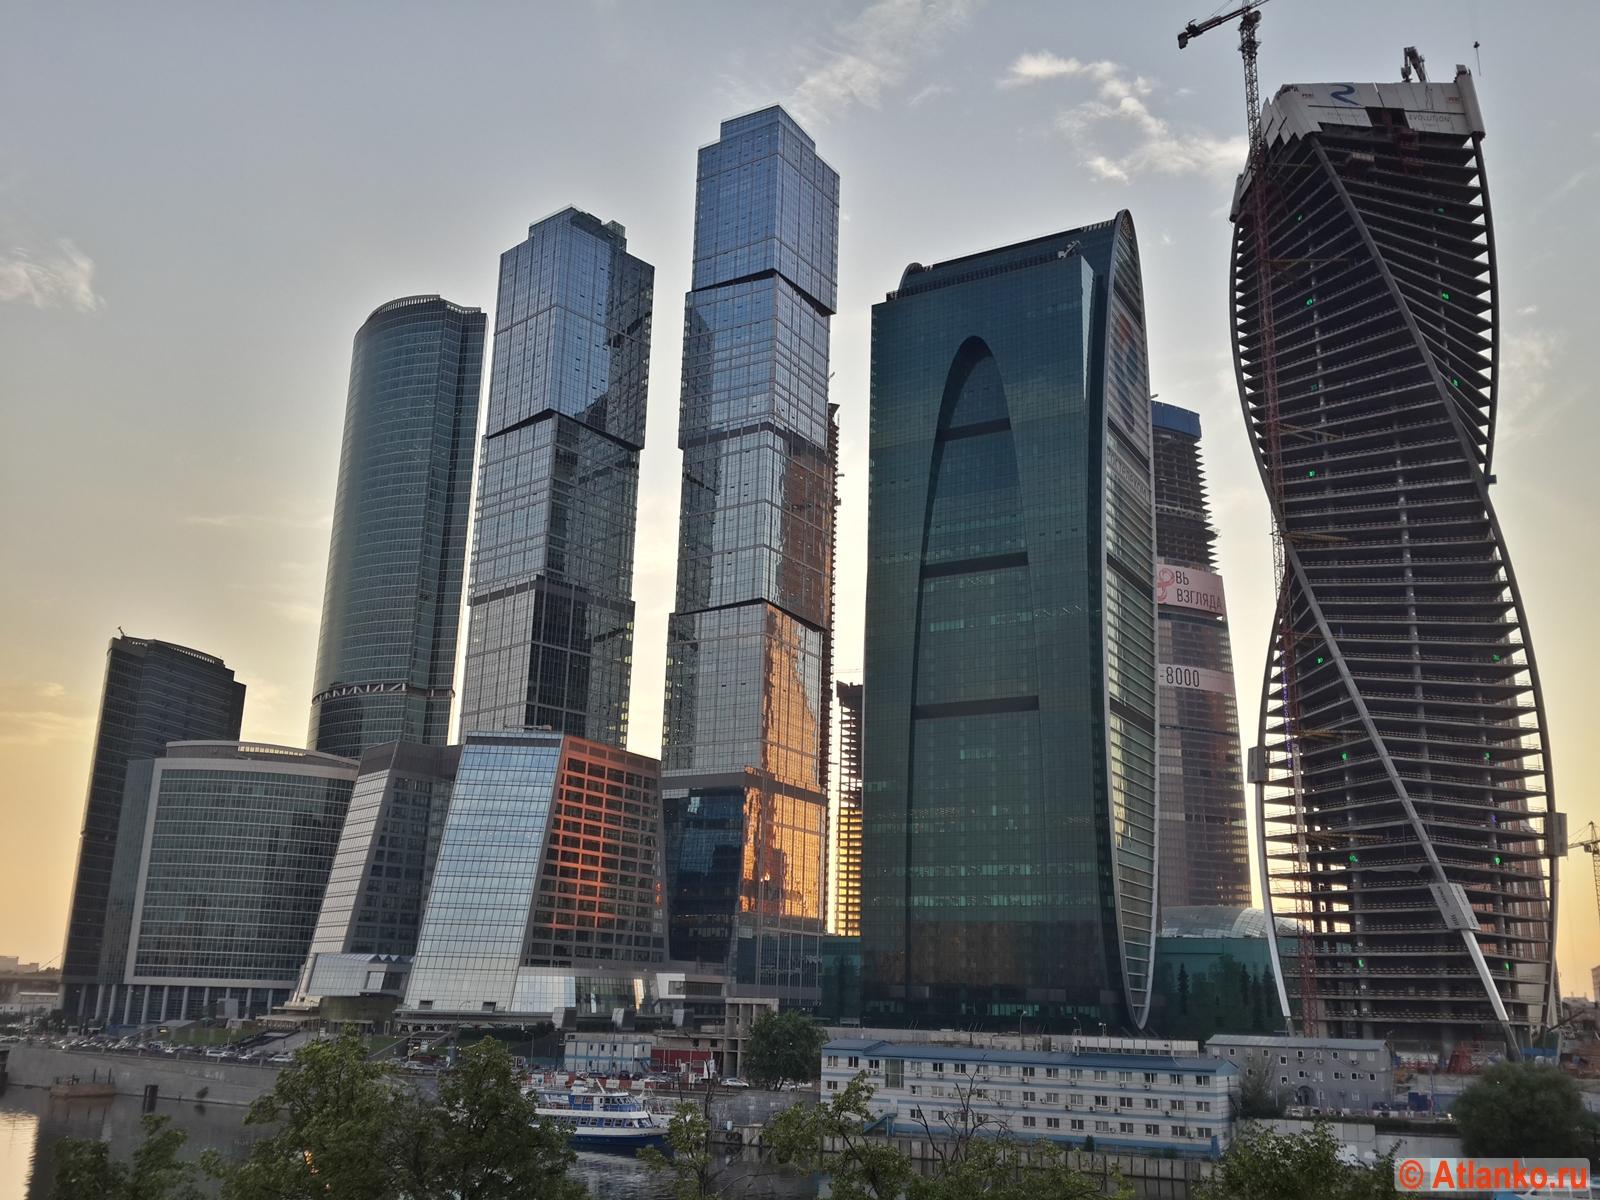 Московский международный деловой центр Москва-Сити в столице России. Москва. Фотография